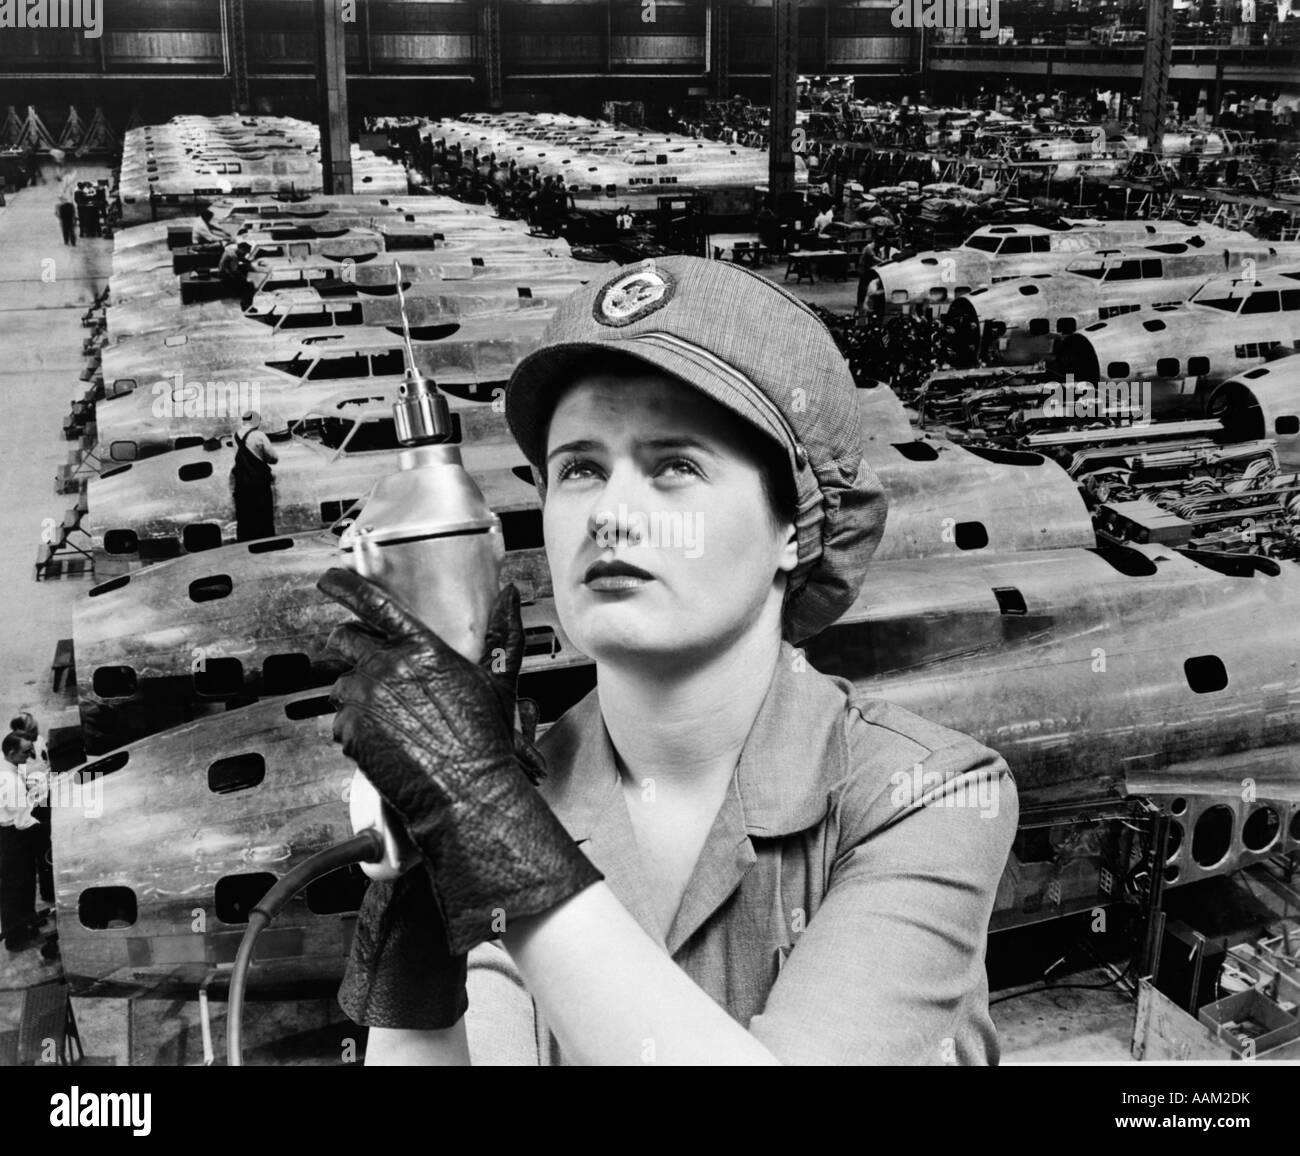 ROSIE RIVETER LA FEMME en surimpression sur les avions en usine des années 1940, LA DEUXIÈME GUERRE MONDIALE Photo Stock